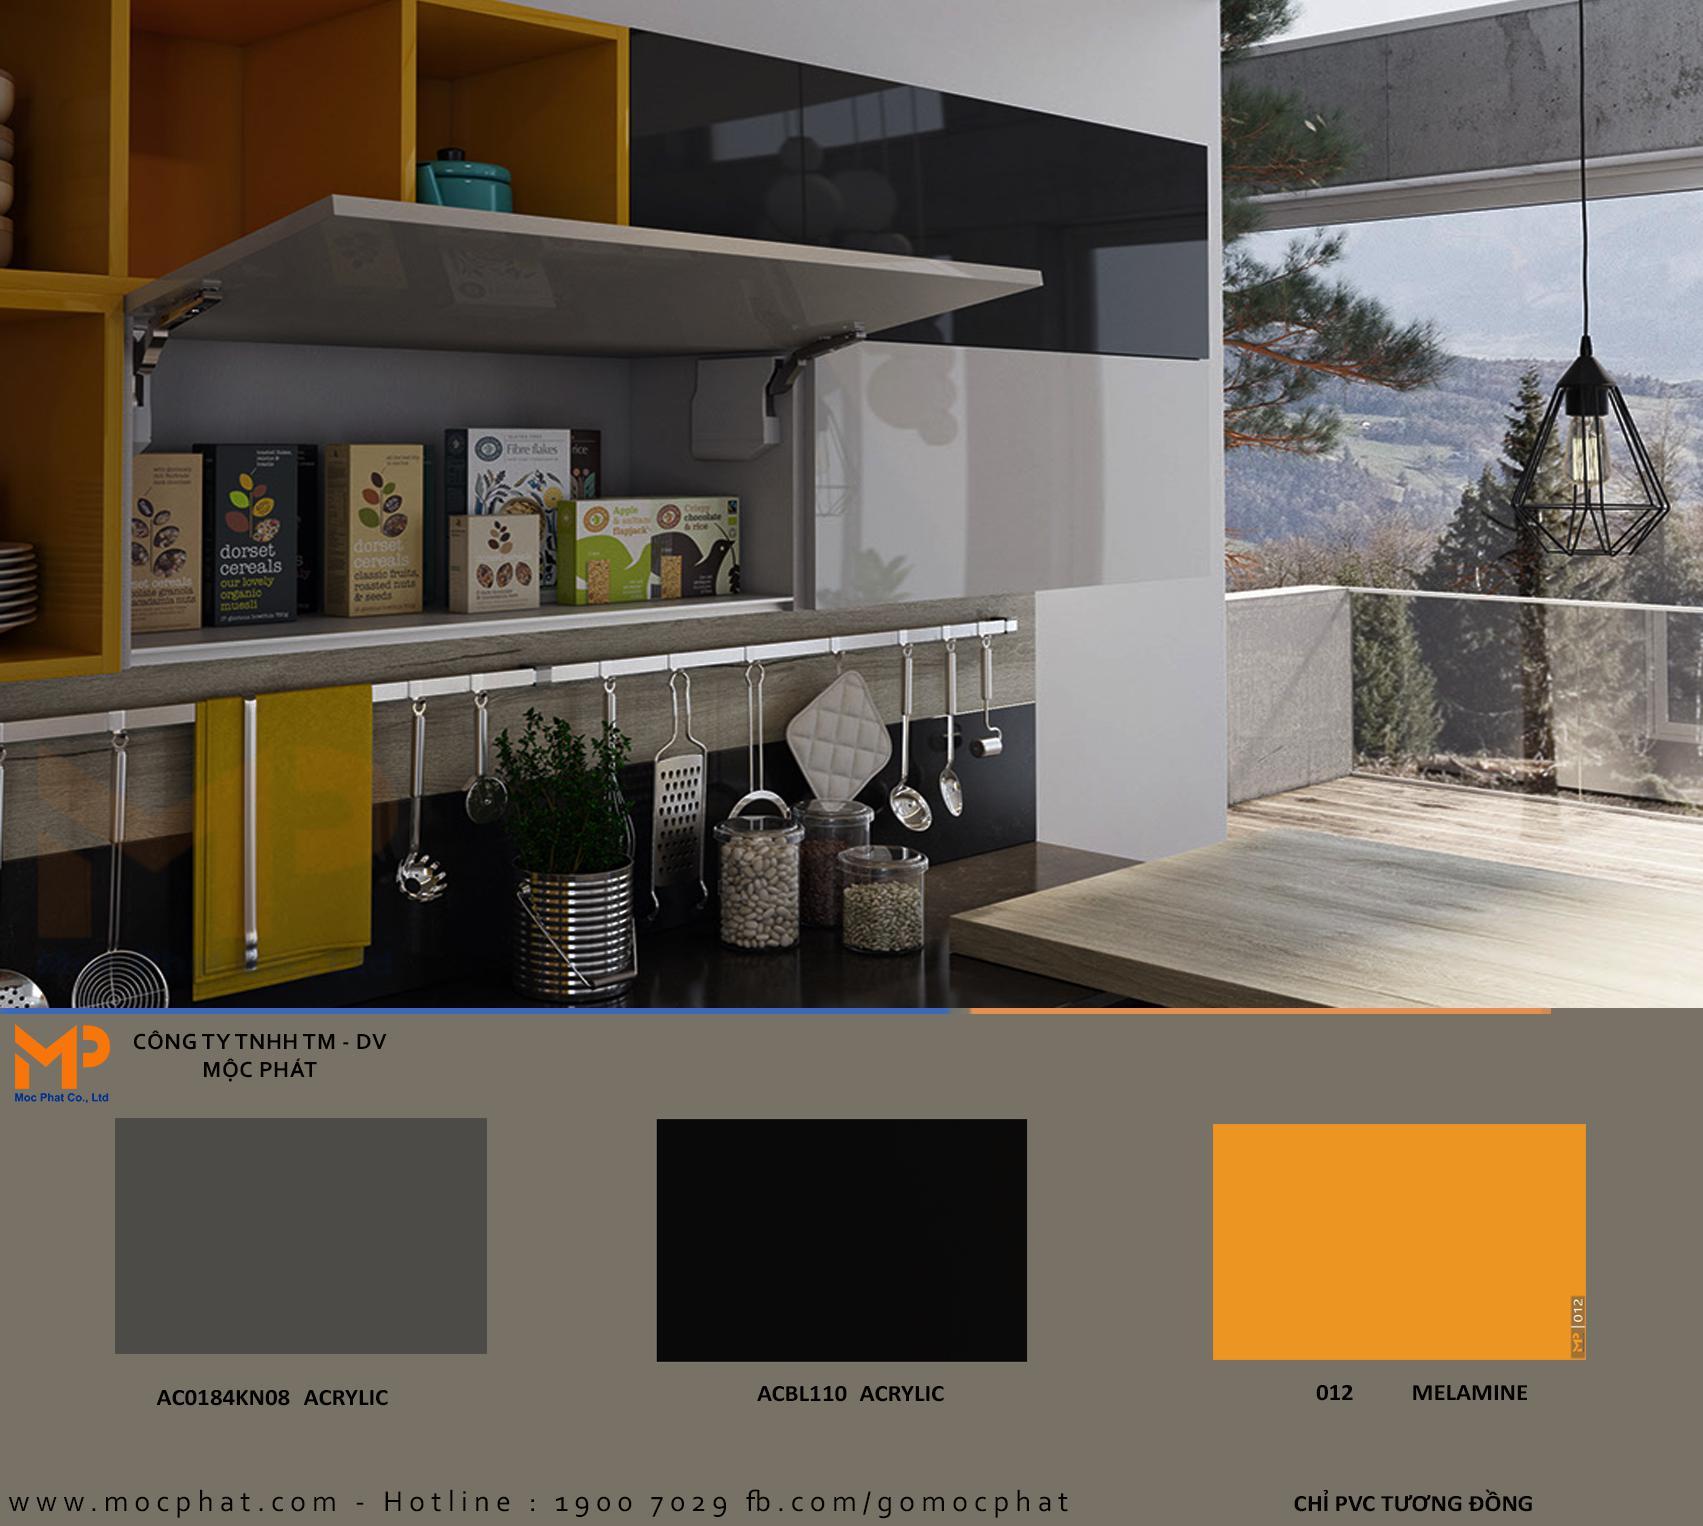 Ván phủ Acyrlic Mộc Phát: Lựa chọn hoàn hảo cho mọi không gian bếp